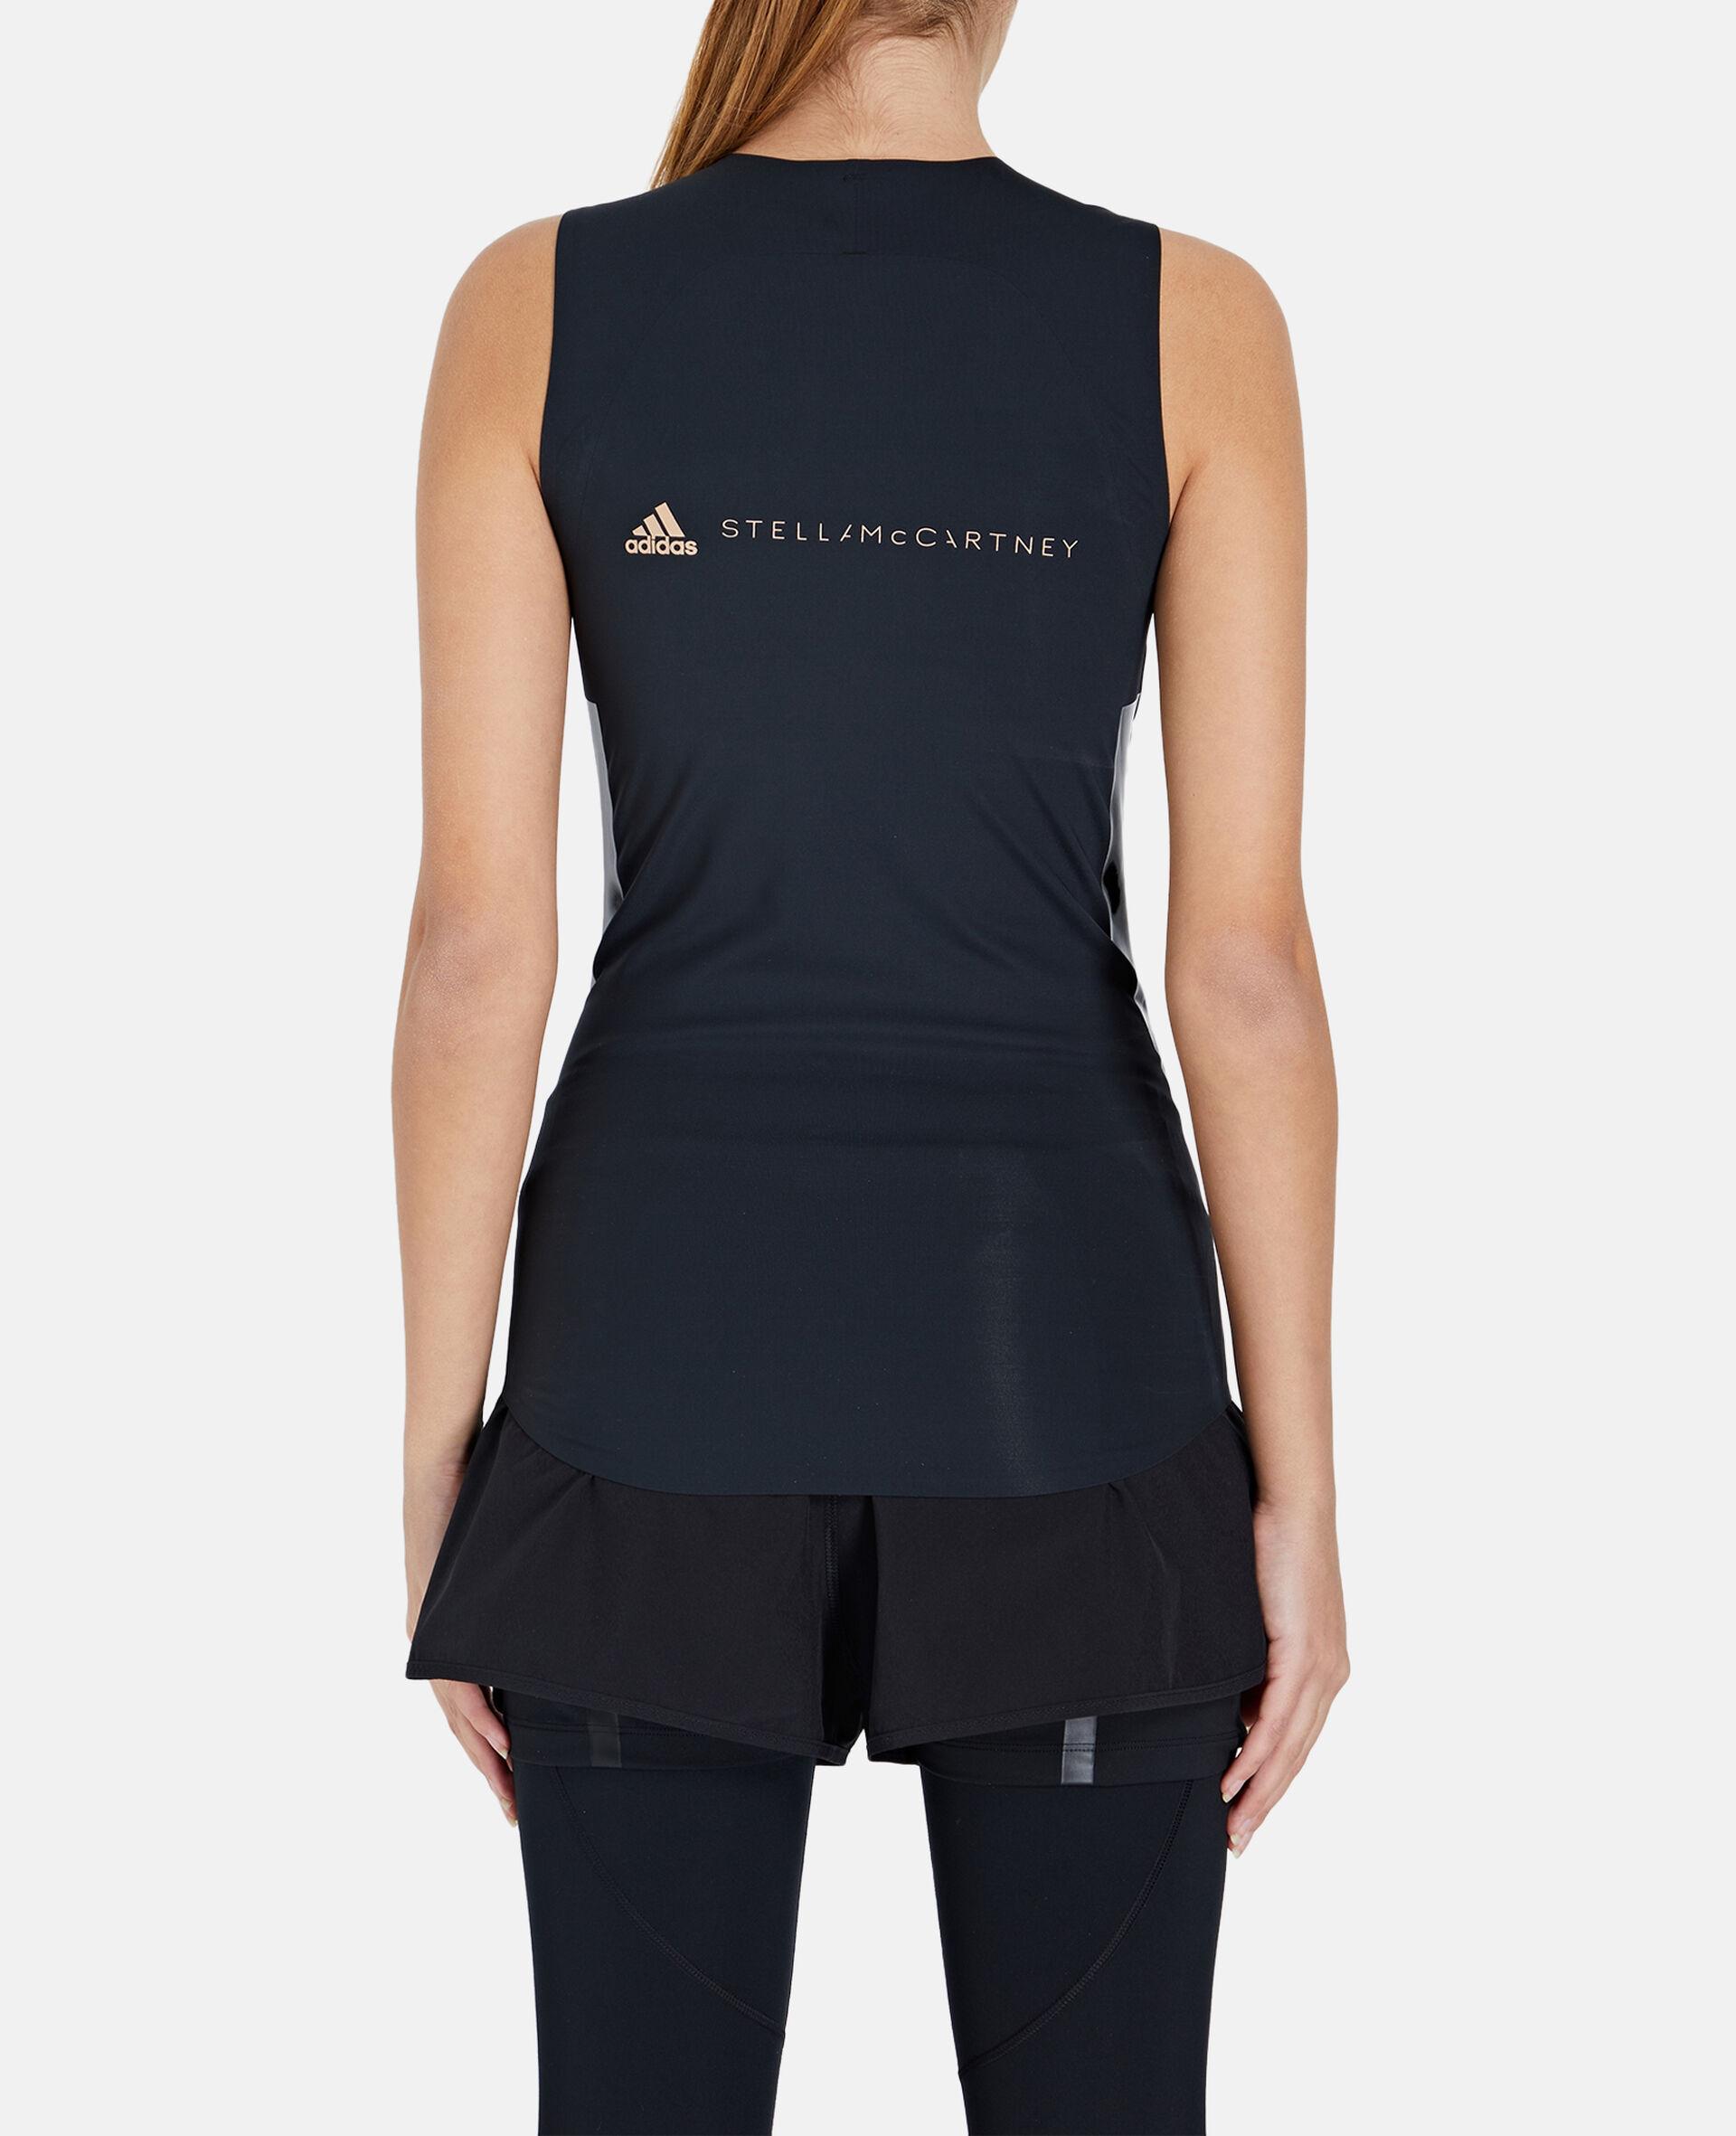 Black Training Vest-Black-large image number 2